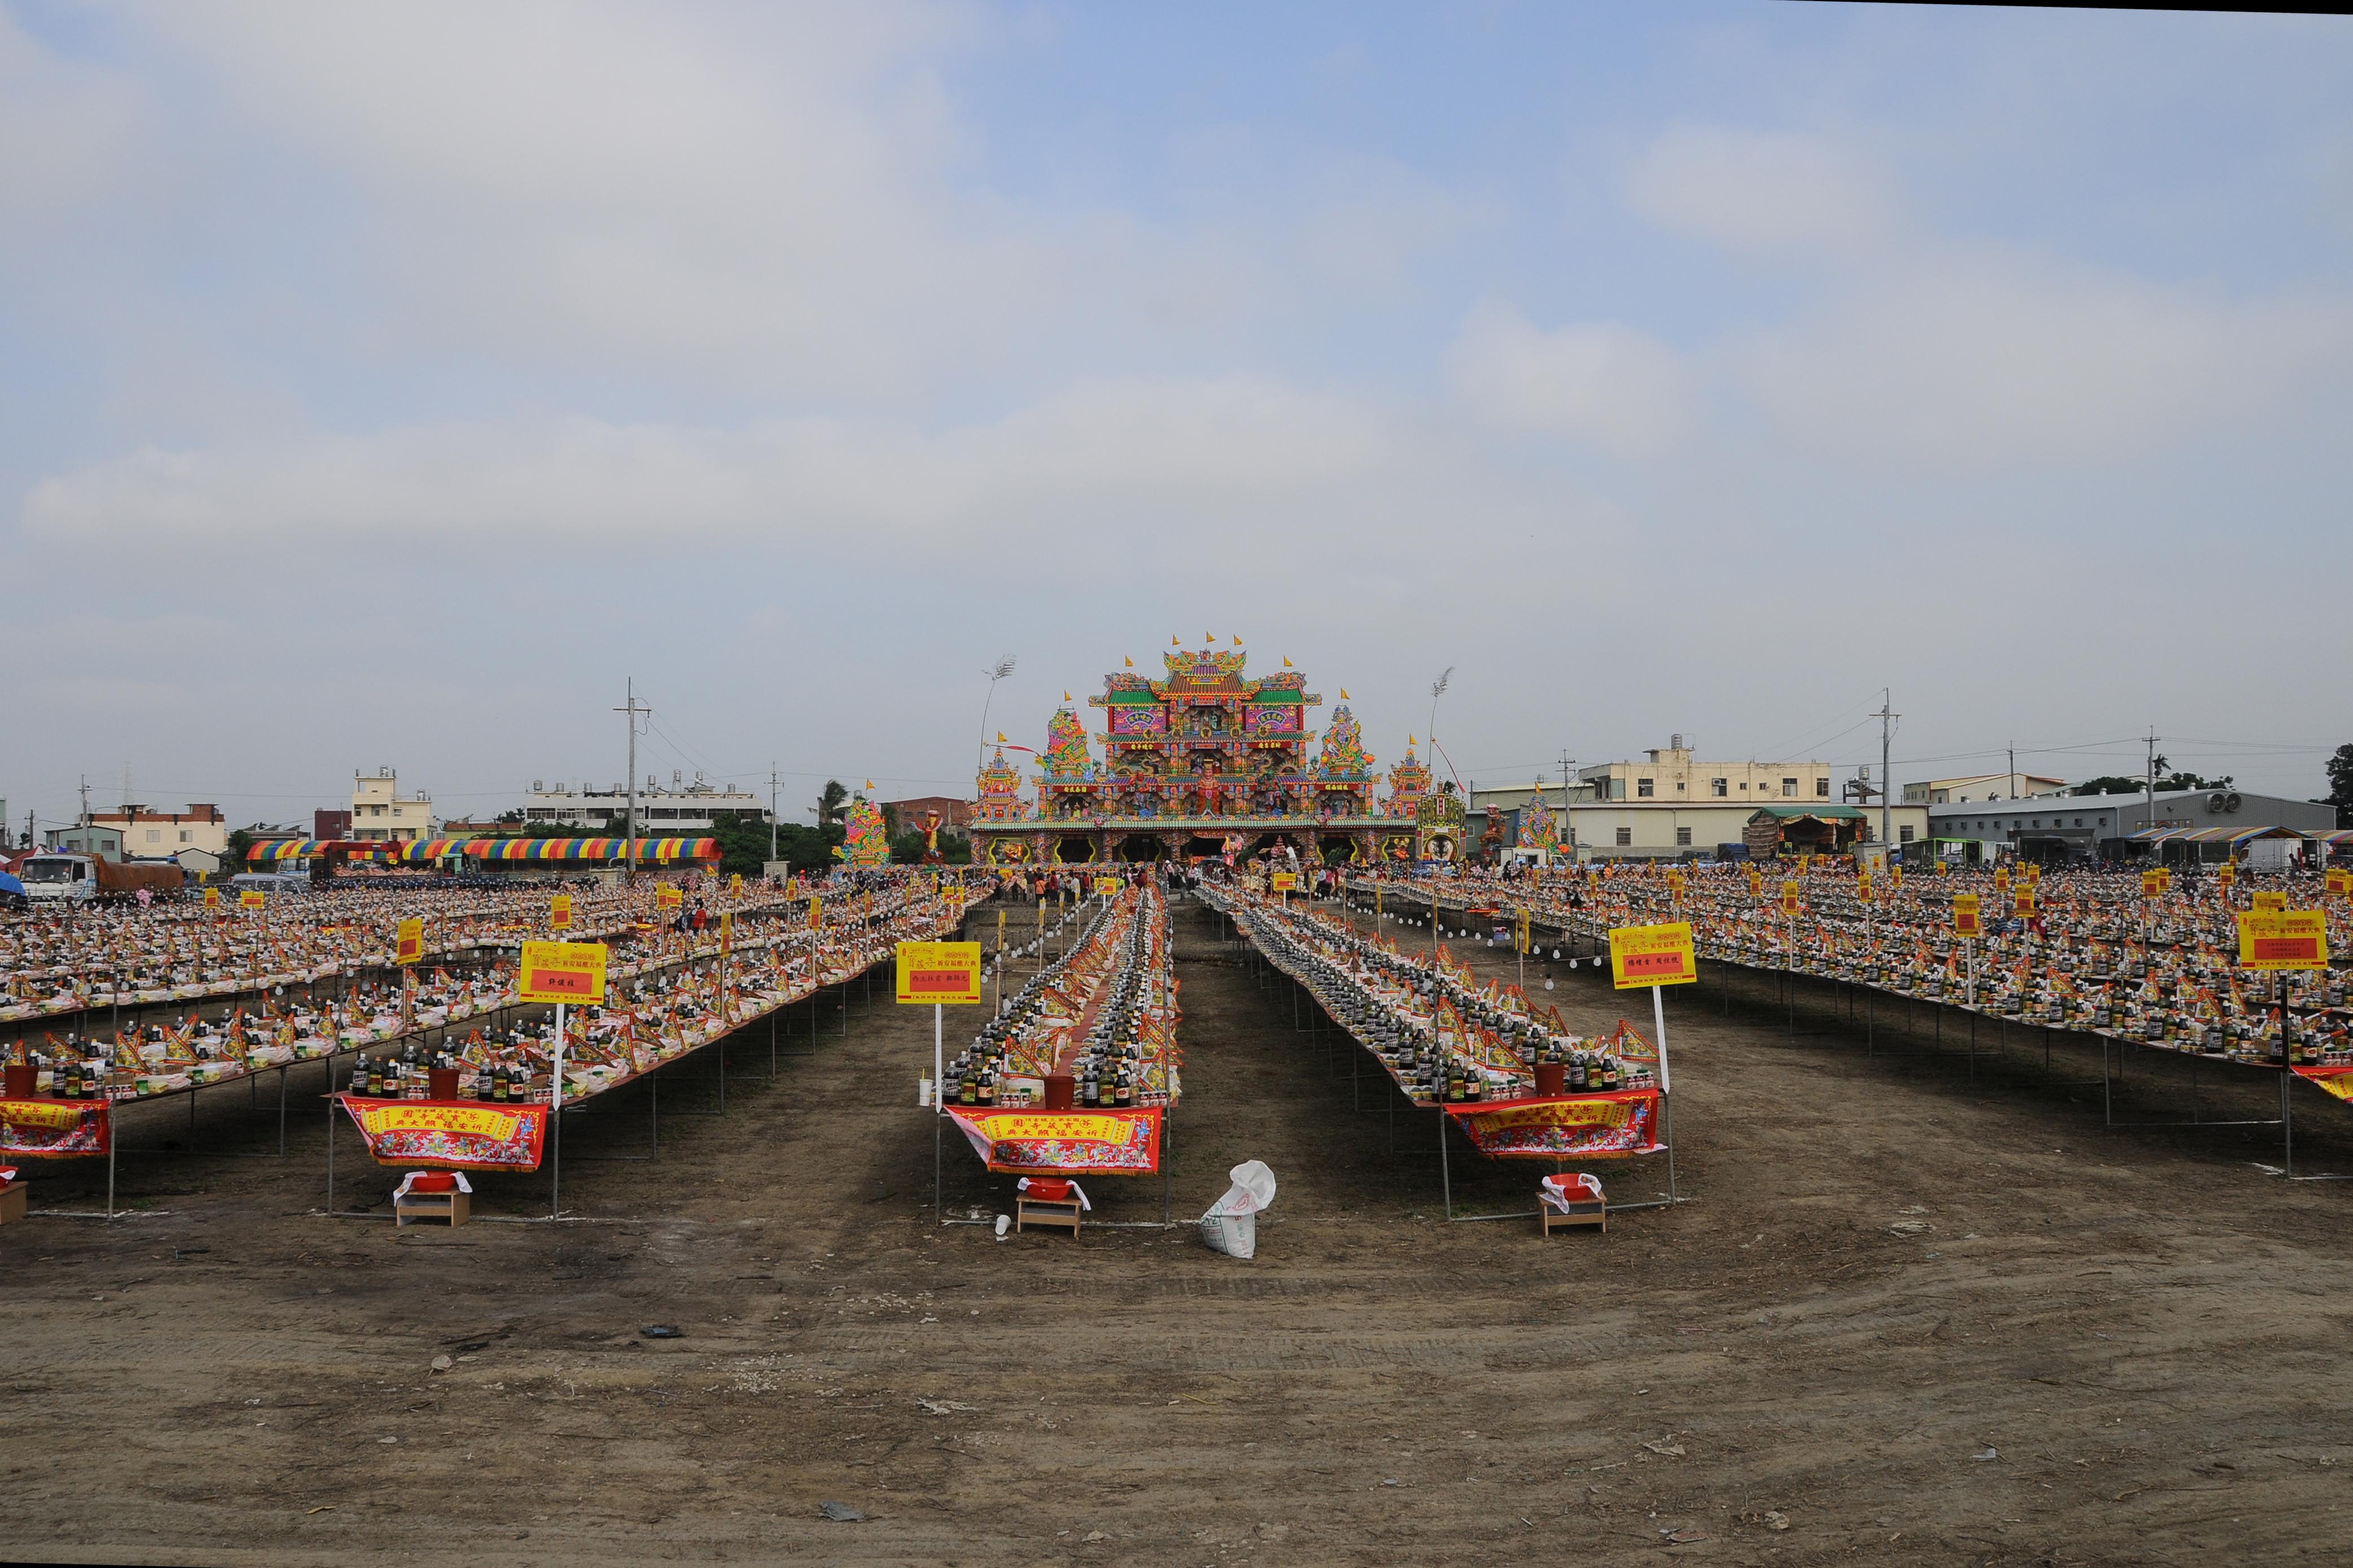 寶藏寺 祈安福醮 - 6